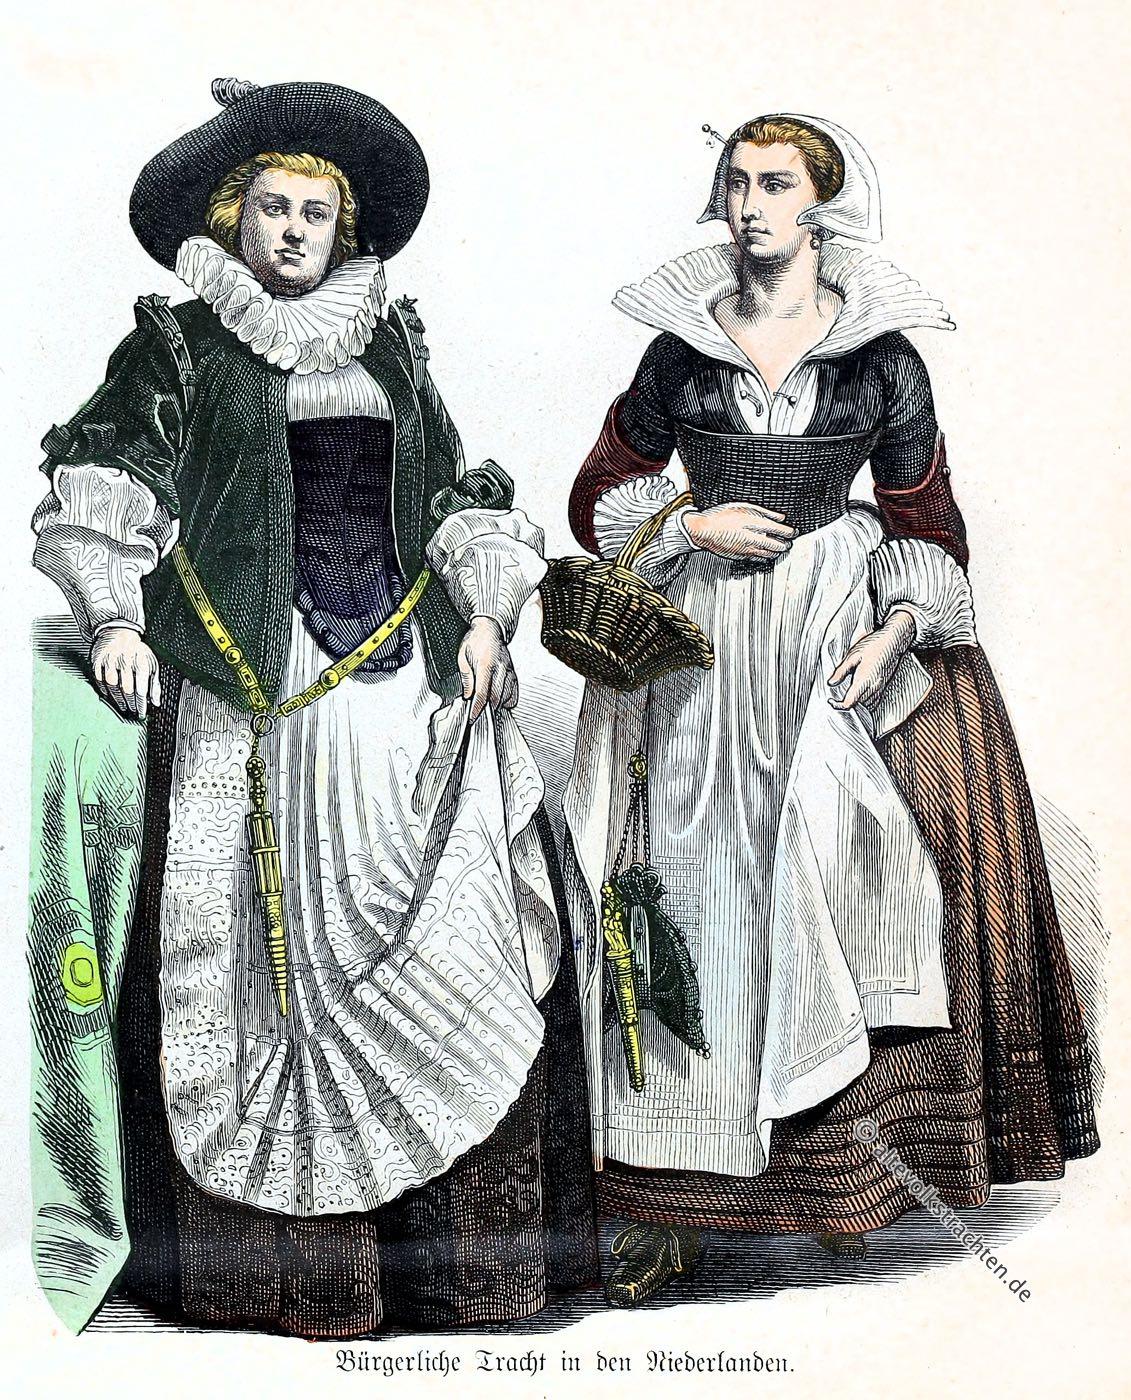 Münchener Bilderbogen, Kostüme, Barock, Trachten, Bürgerliche Tracht,